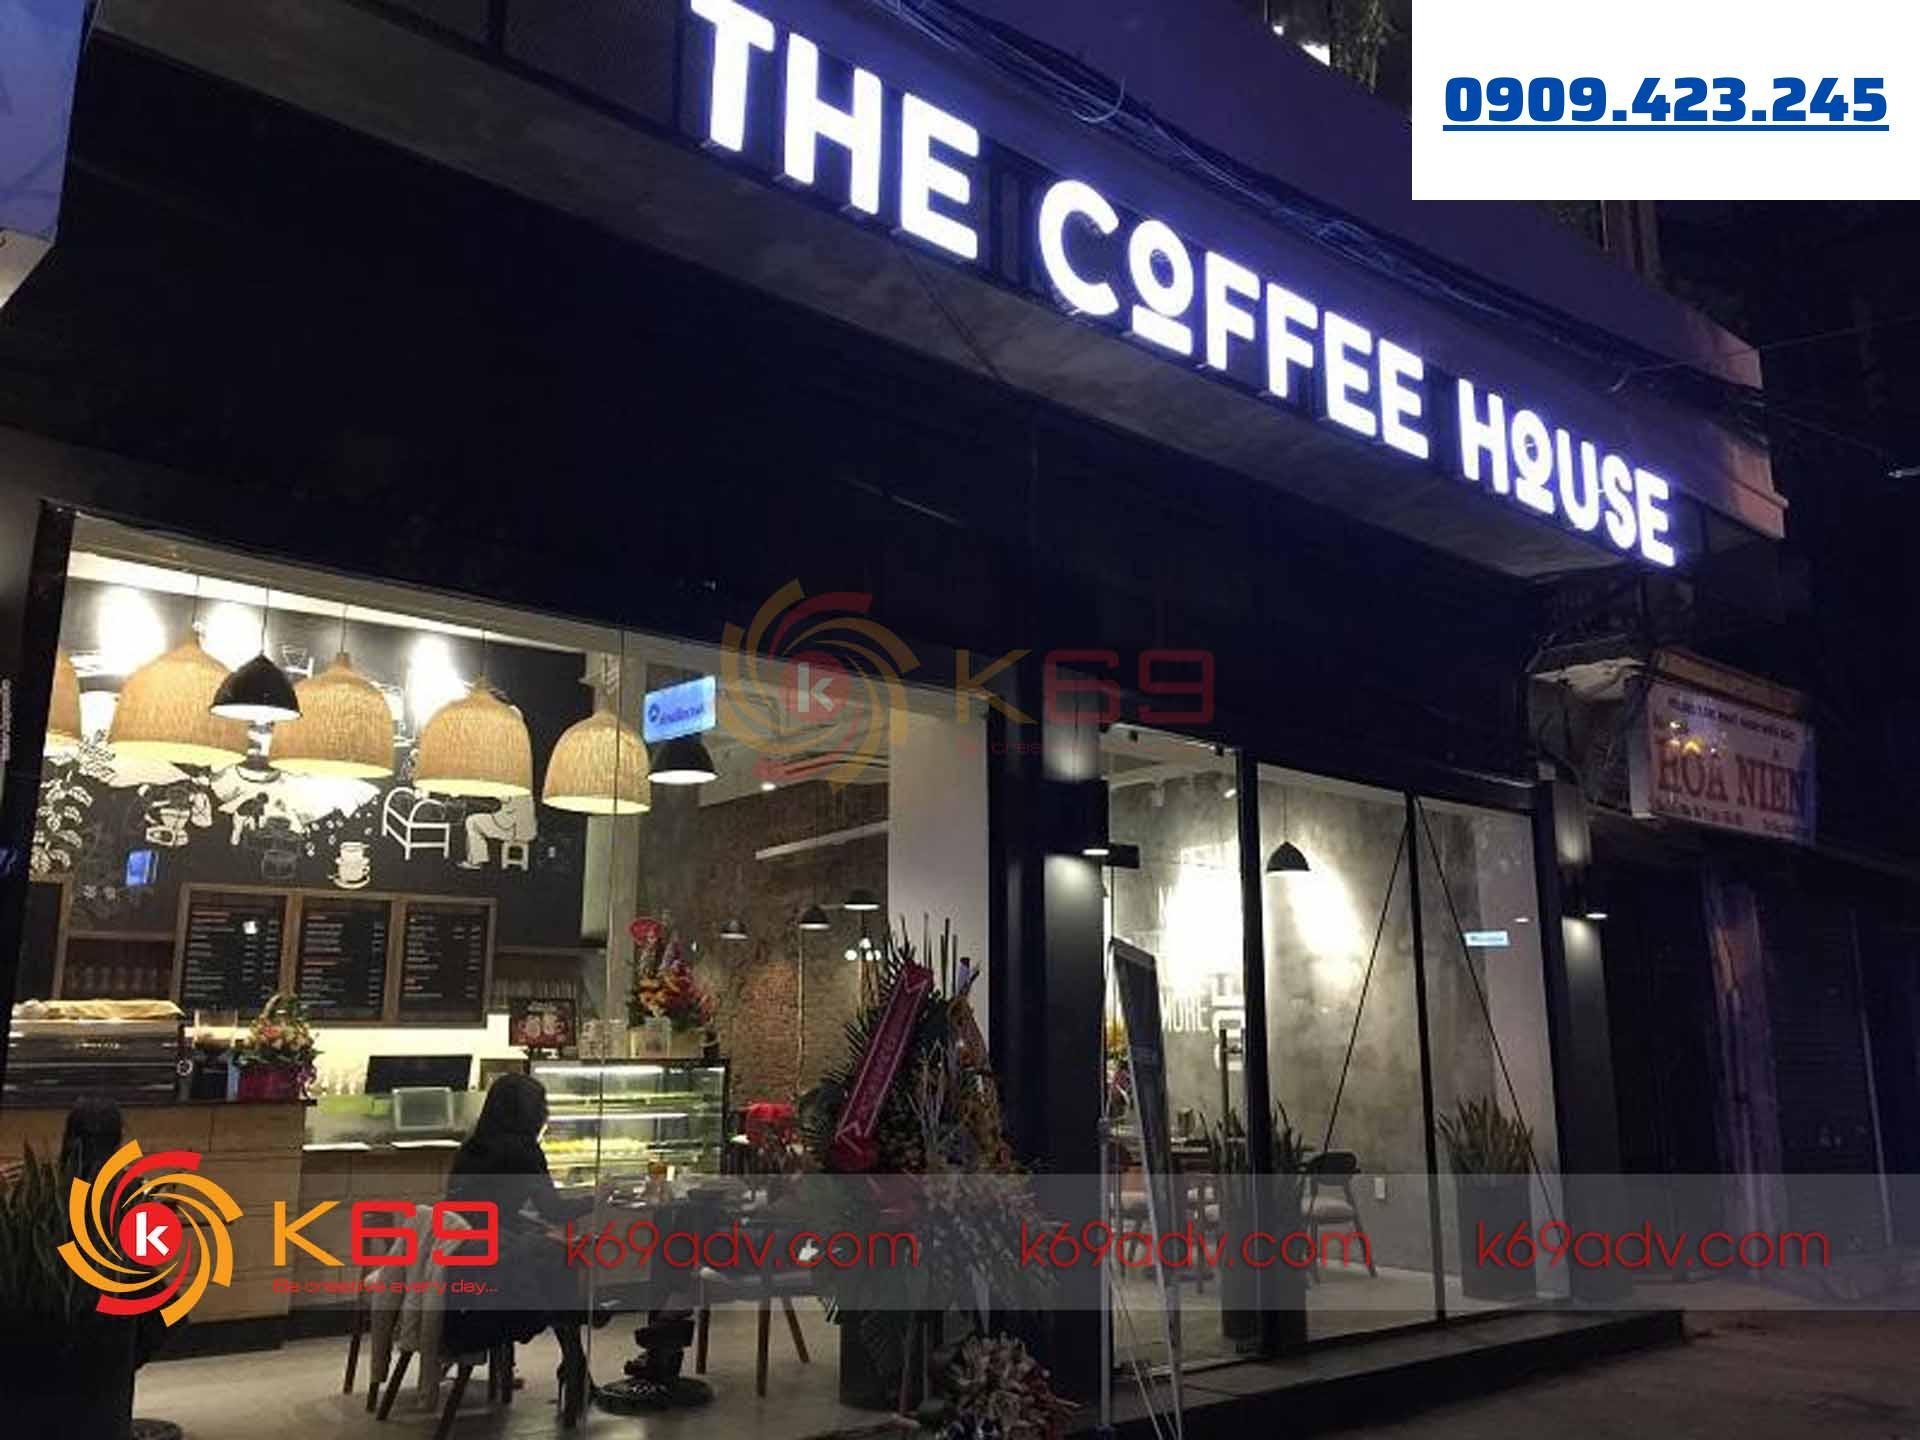 bảng hiệu quán cafe đẹp mà K69ADV đã thi công